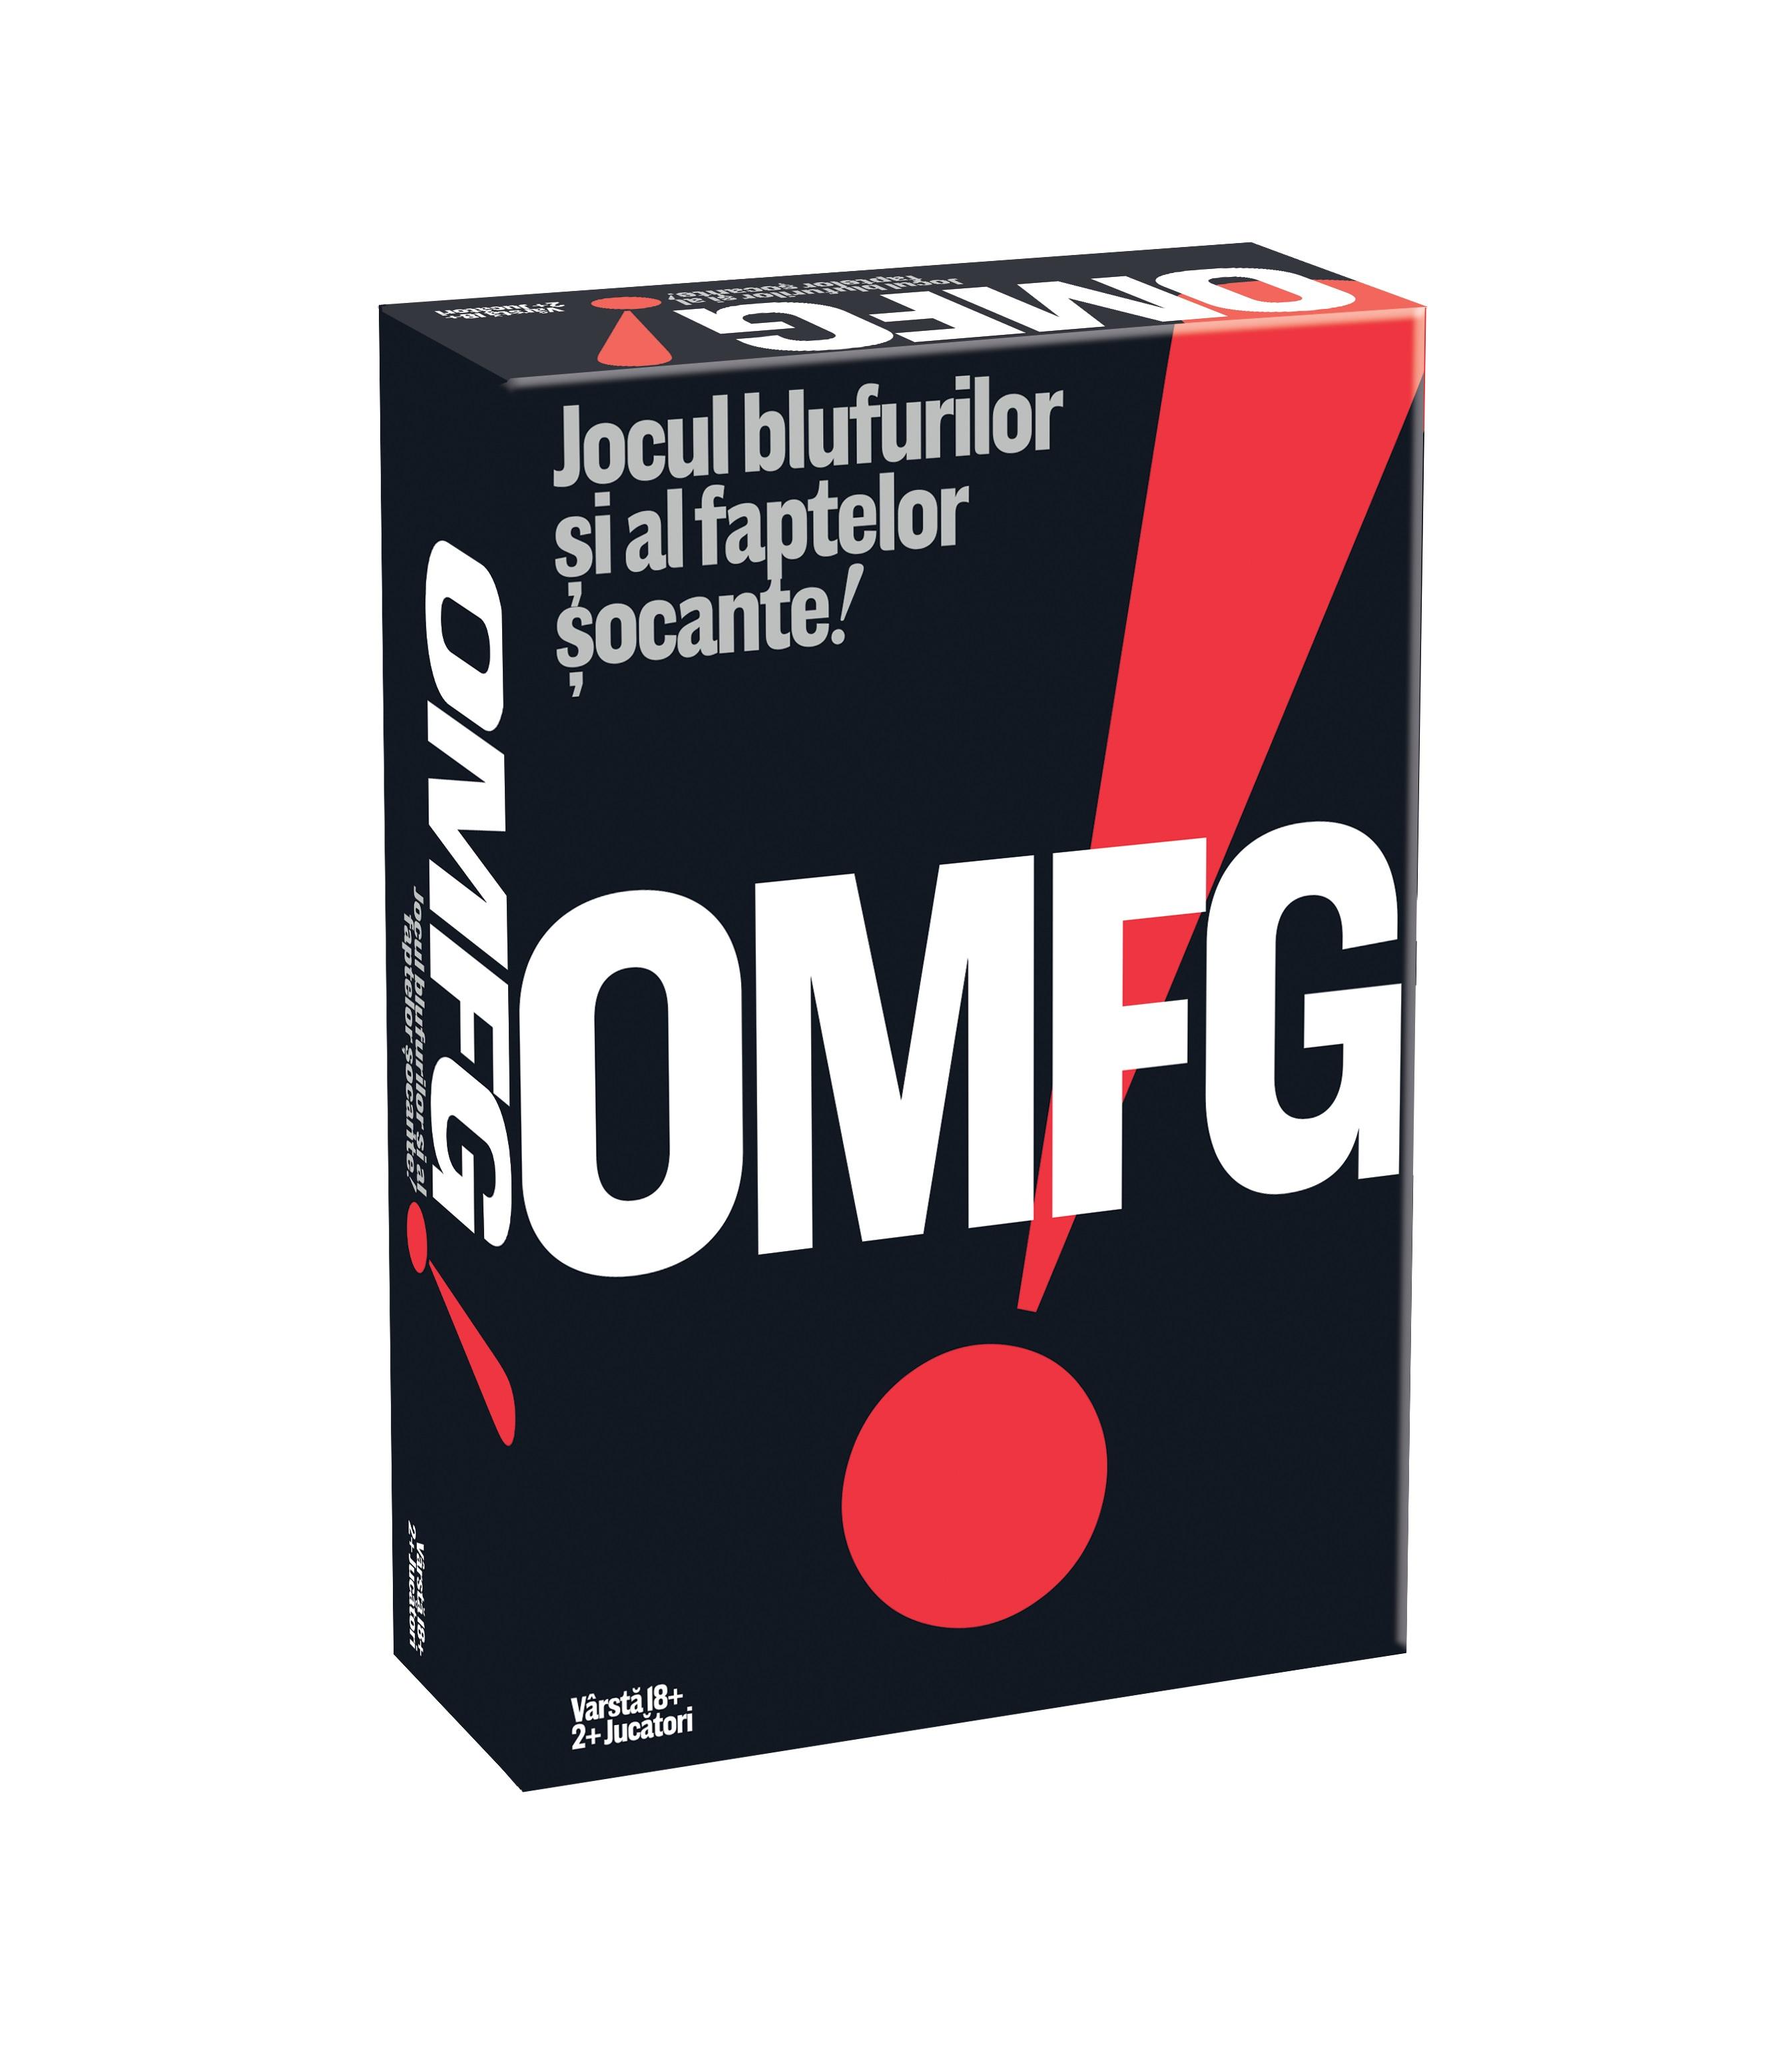 OMFG! - Joc de societate pentru adulti | Cheatwell